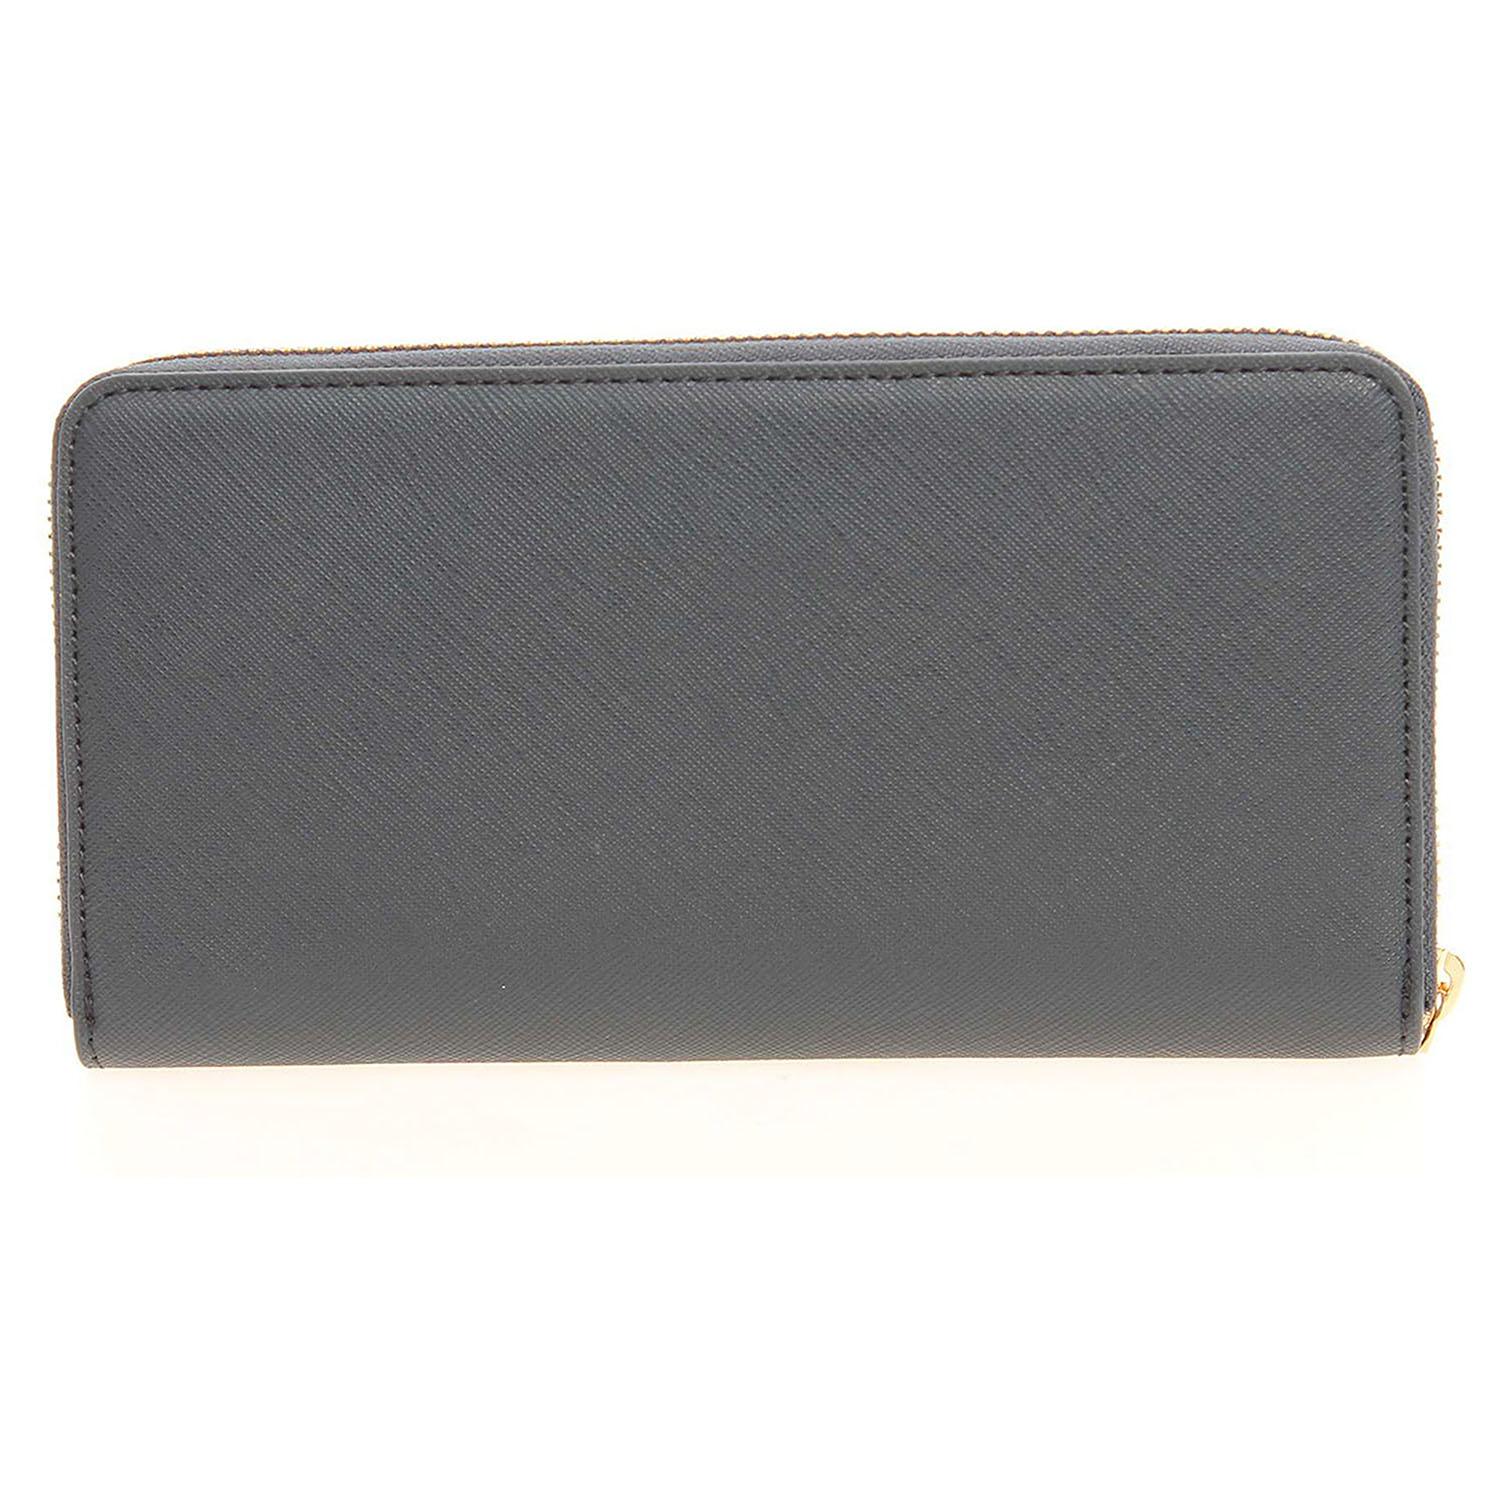 Tommy Hilfiger dámská peněženka AW0AW03220 modrá 1